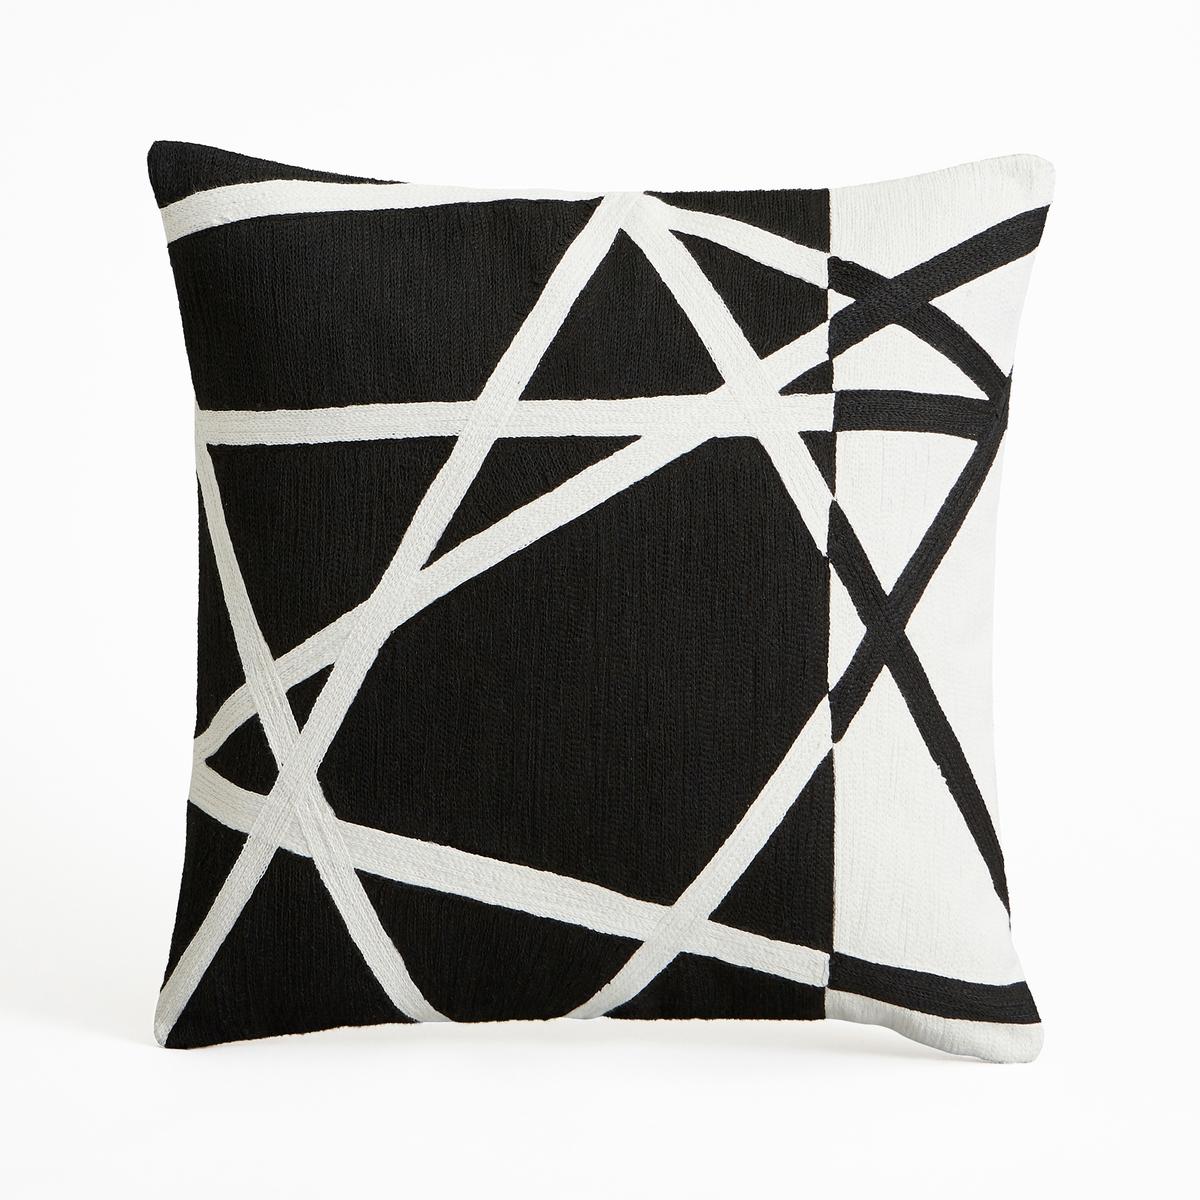 Наволочка на подушку-валик FiladefoНаволочка на подушку-валик Filadefo. Абстрактный рисунок черного и белого цветов. Из 100% хлопка, тамбурная строчка. Однотонная оборотная сторона белого цвета. Застежка на молнию наверху. Размеры : 40 x 40 см. Подушка продается отдельно.<br><br>Цвет: черный/ белый<br>Размер: 40 x 40  см